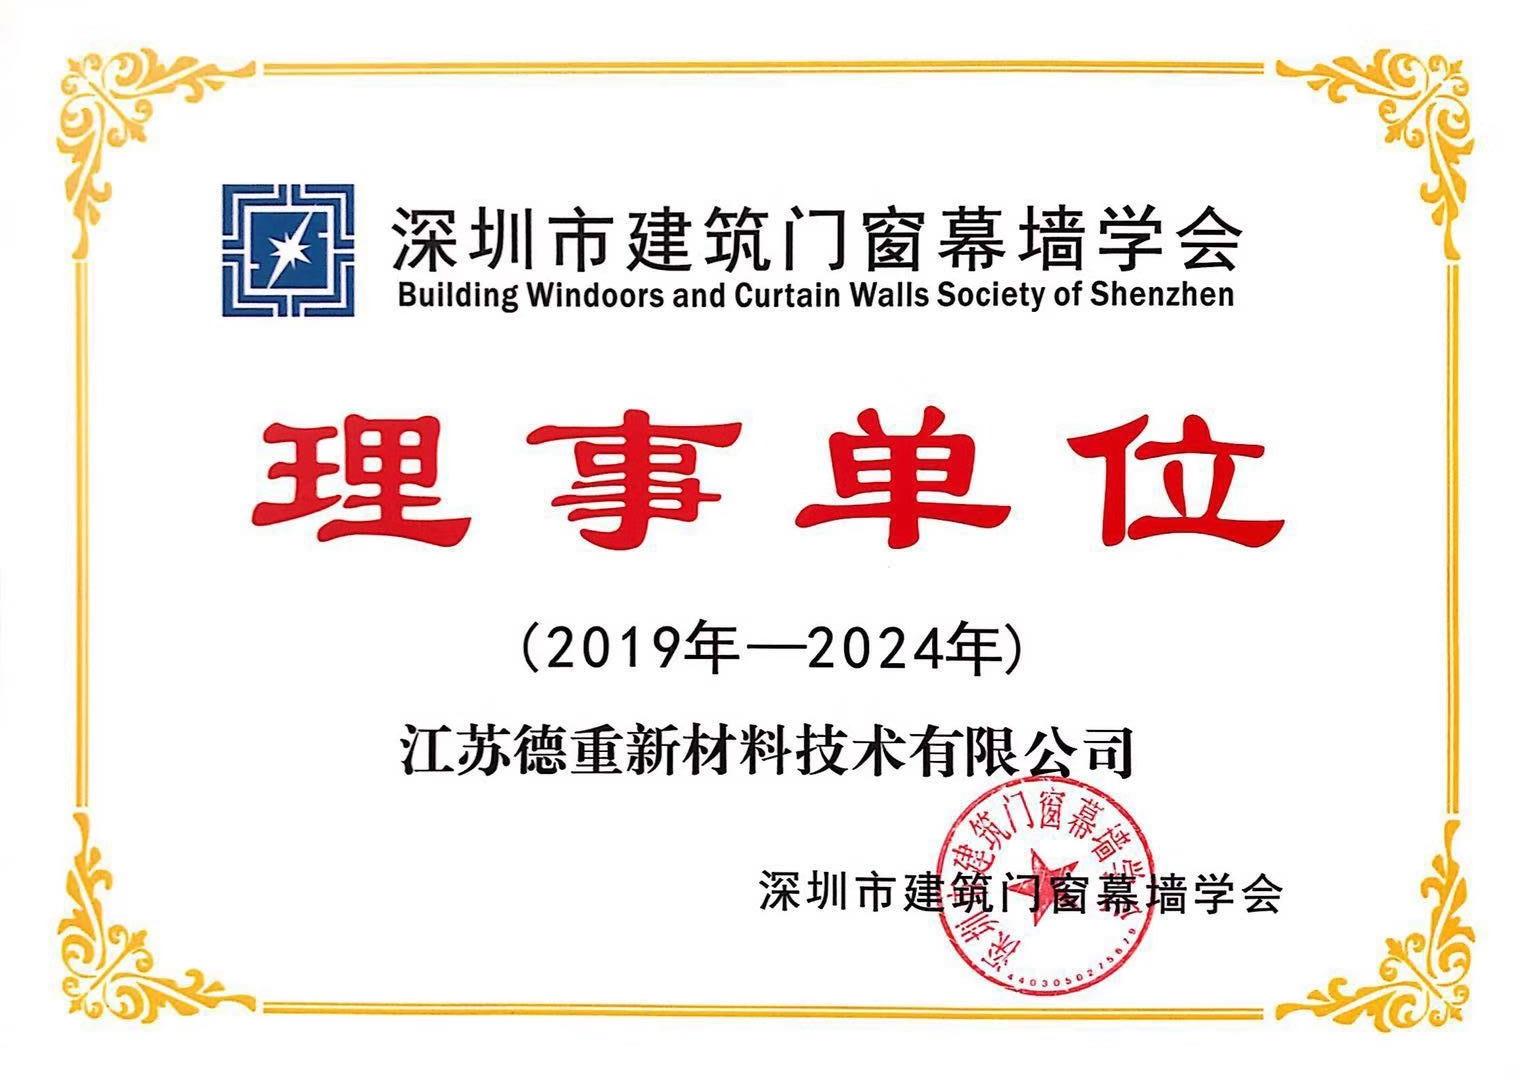 2019年我公司为深圳市建筑门窗幕墙学会理事单位